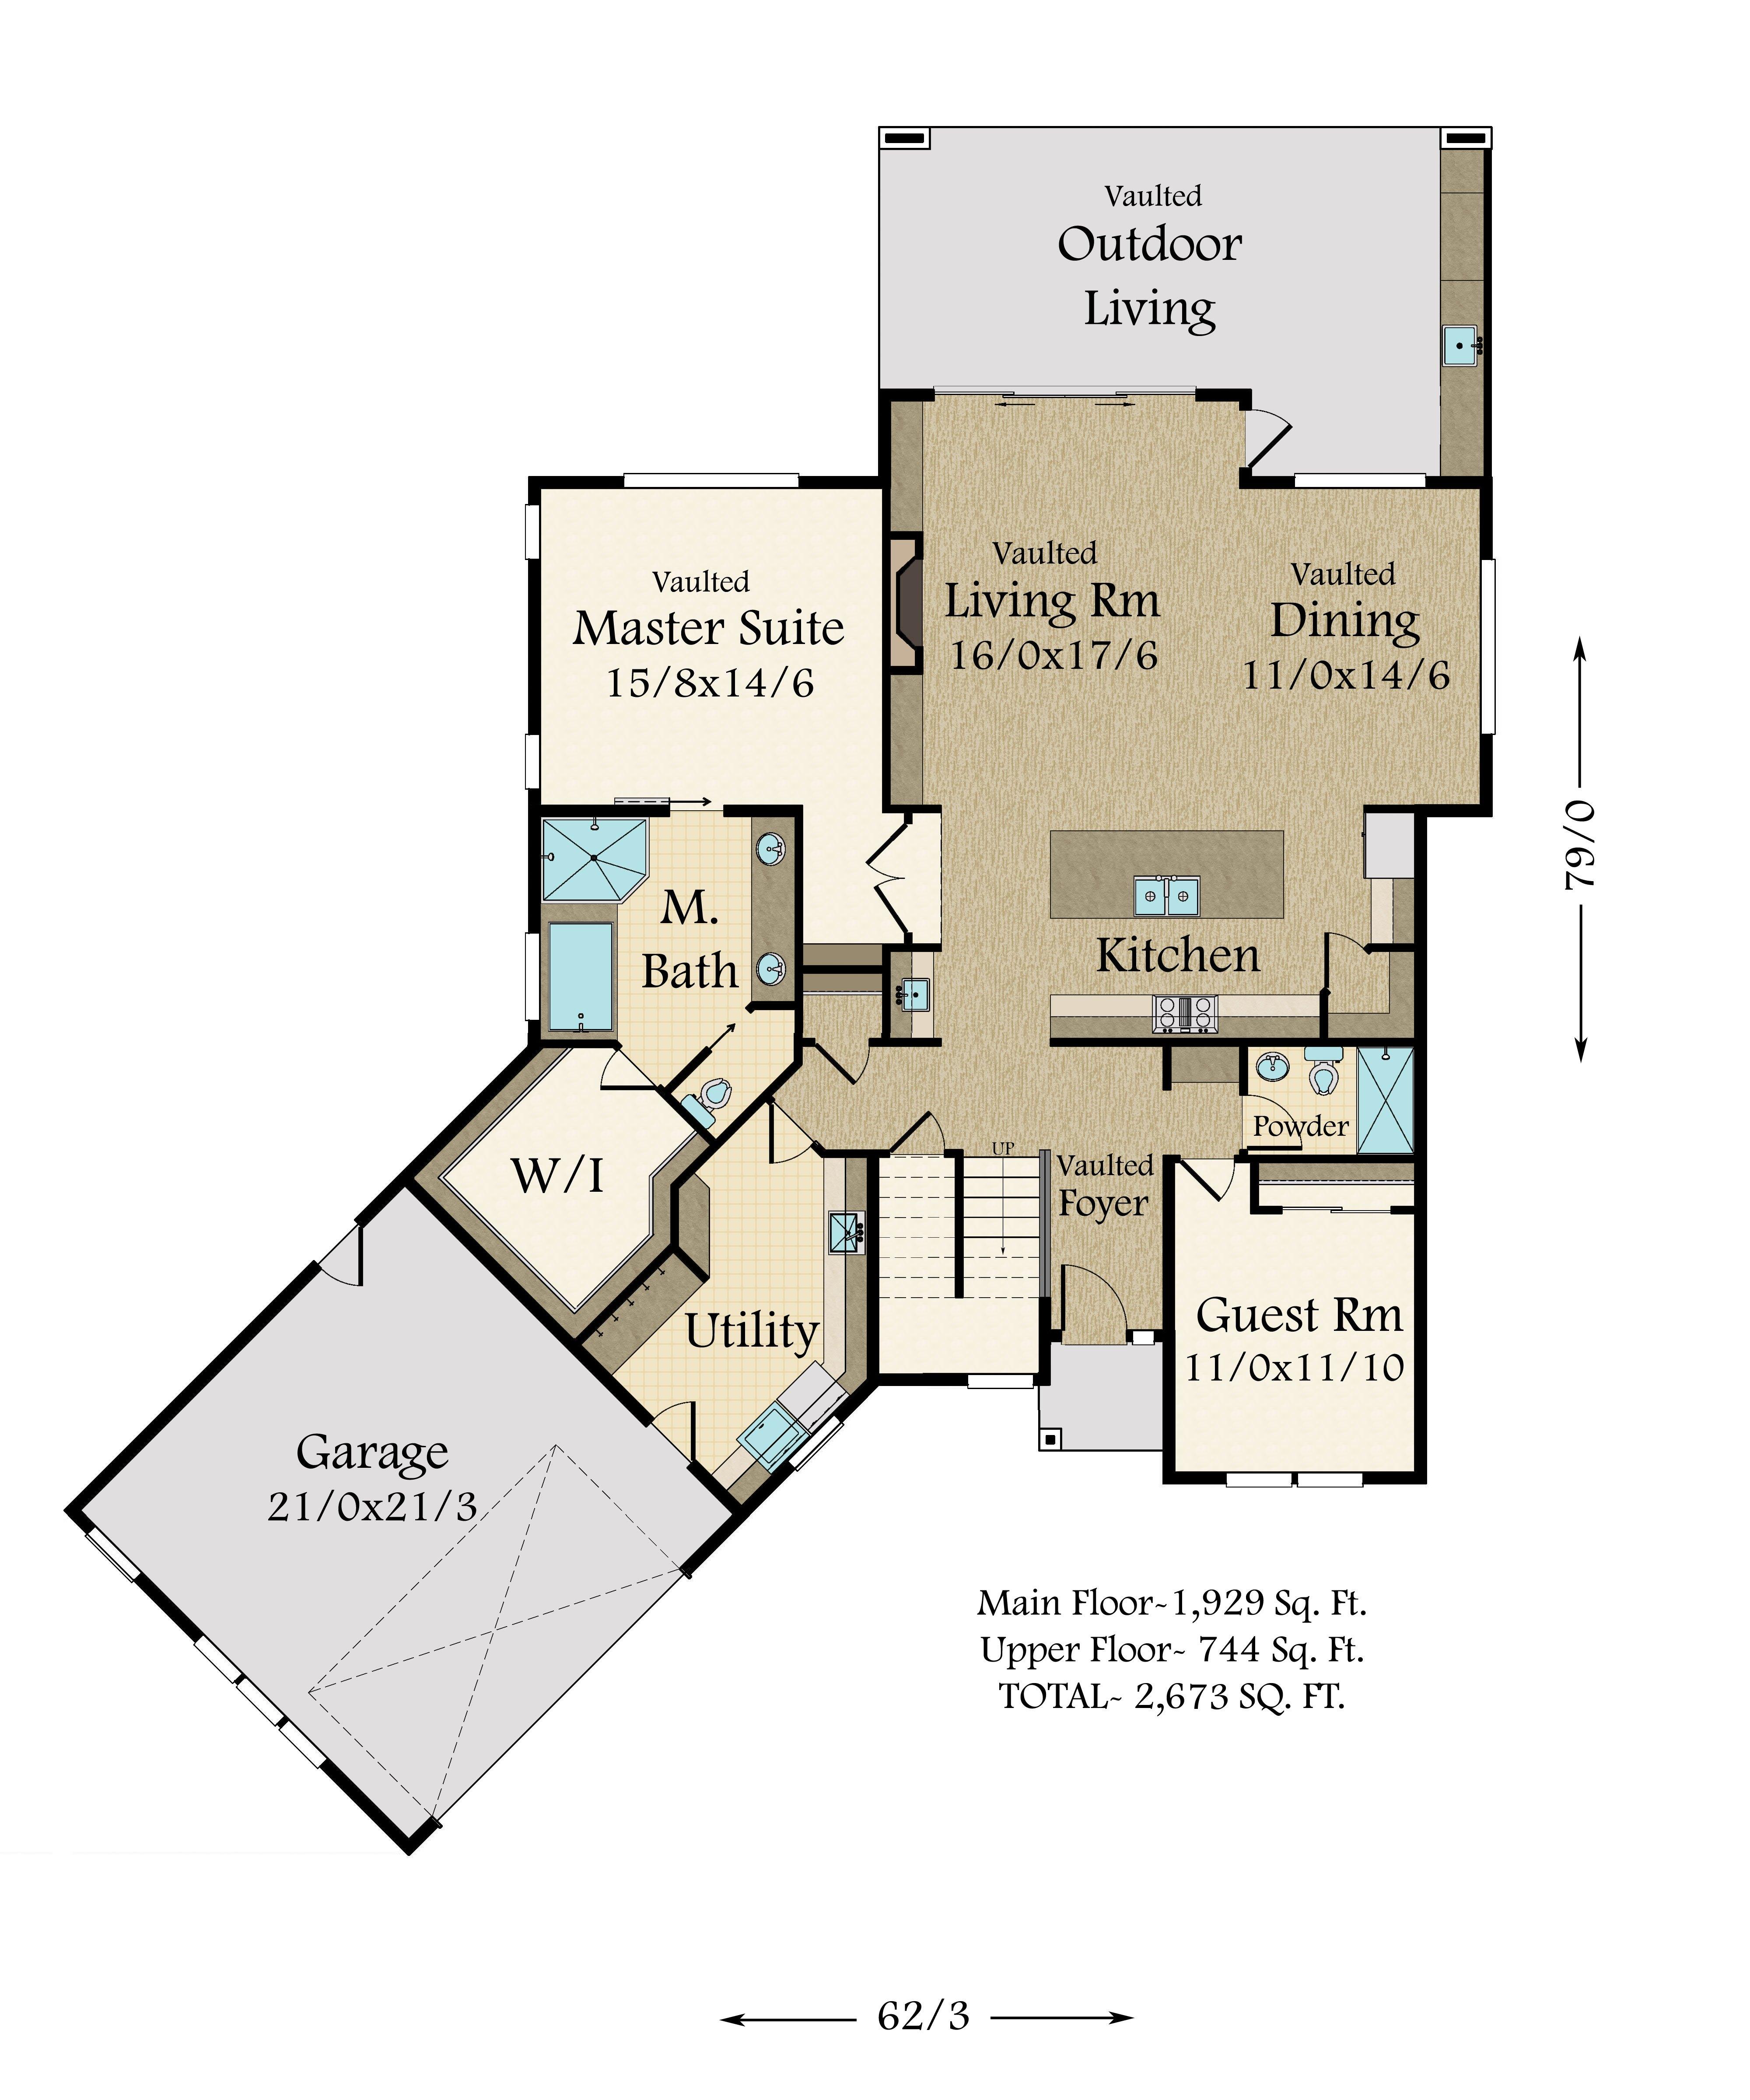 Detached Garage Plan By Mark Stewart Home Design: Modern Masterpiece In A Stock Home Plan